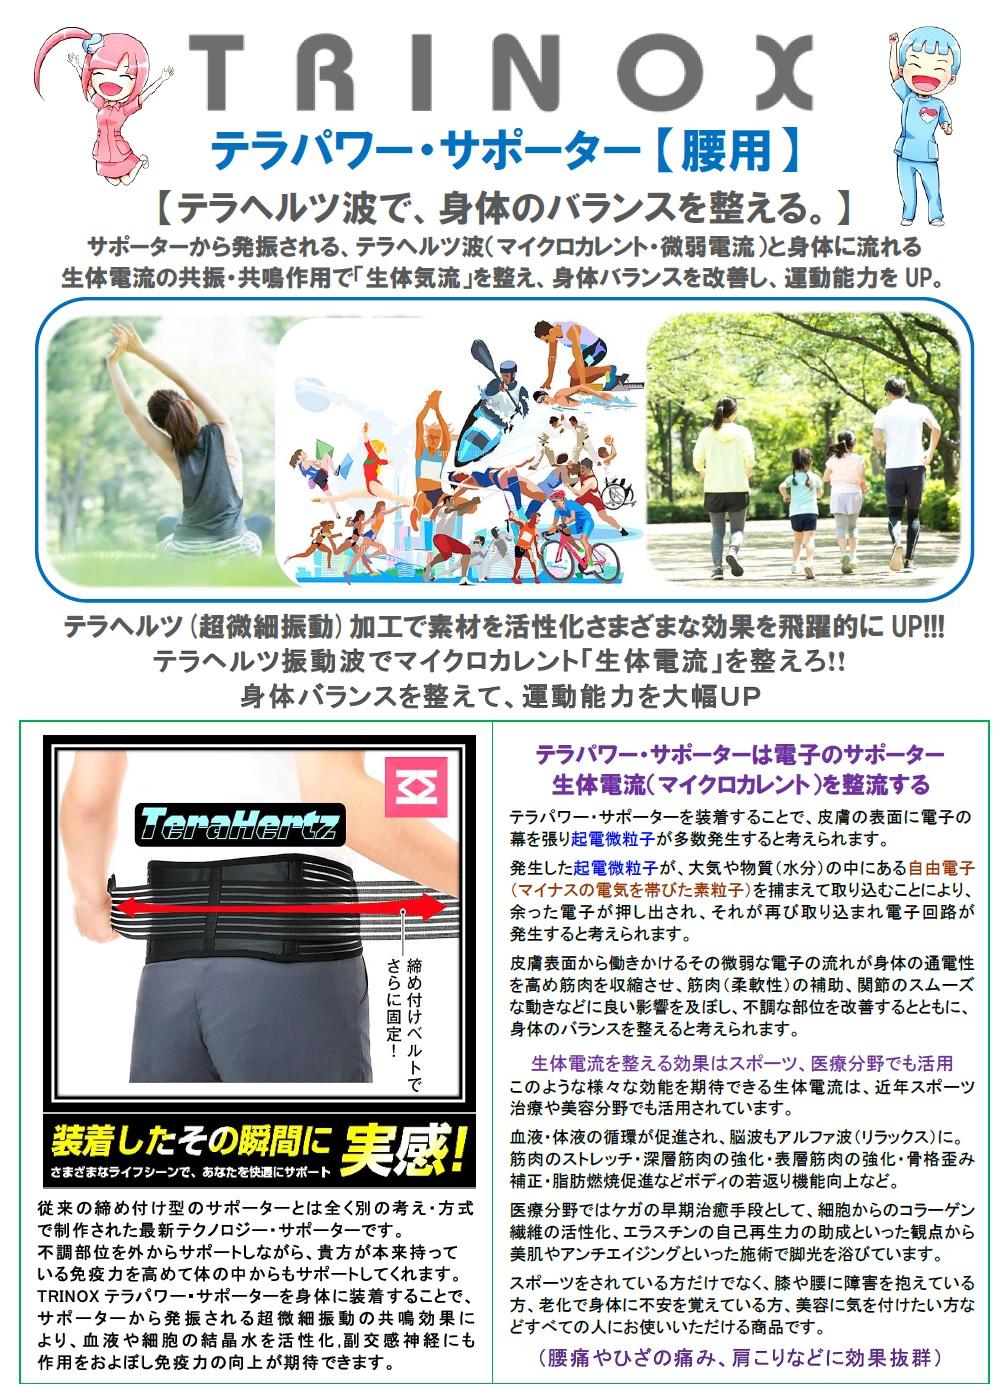 8 (腰) テラパワー・サポーター 解説